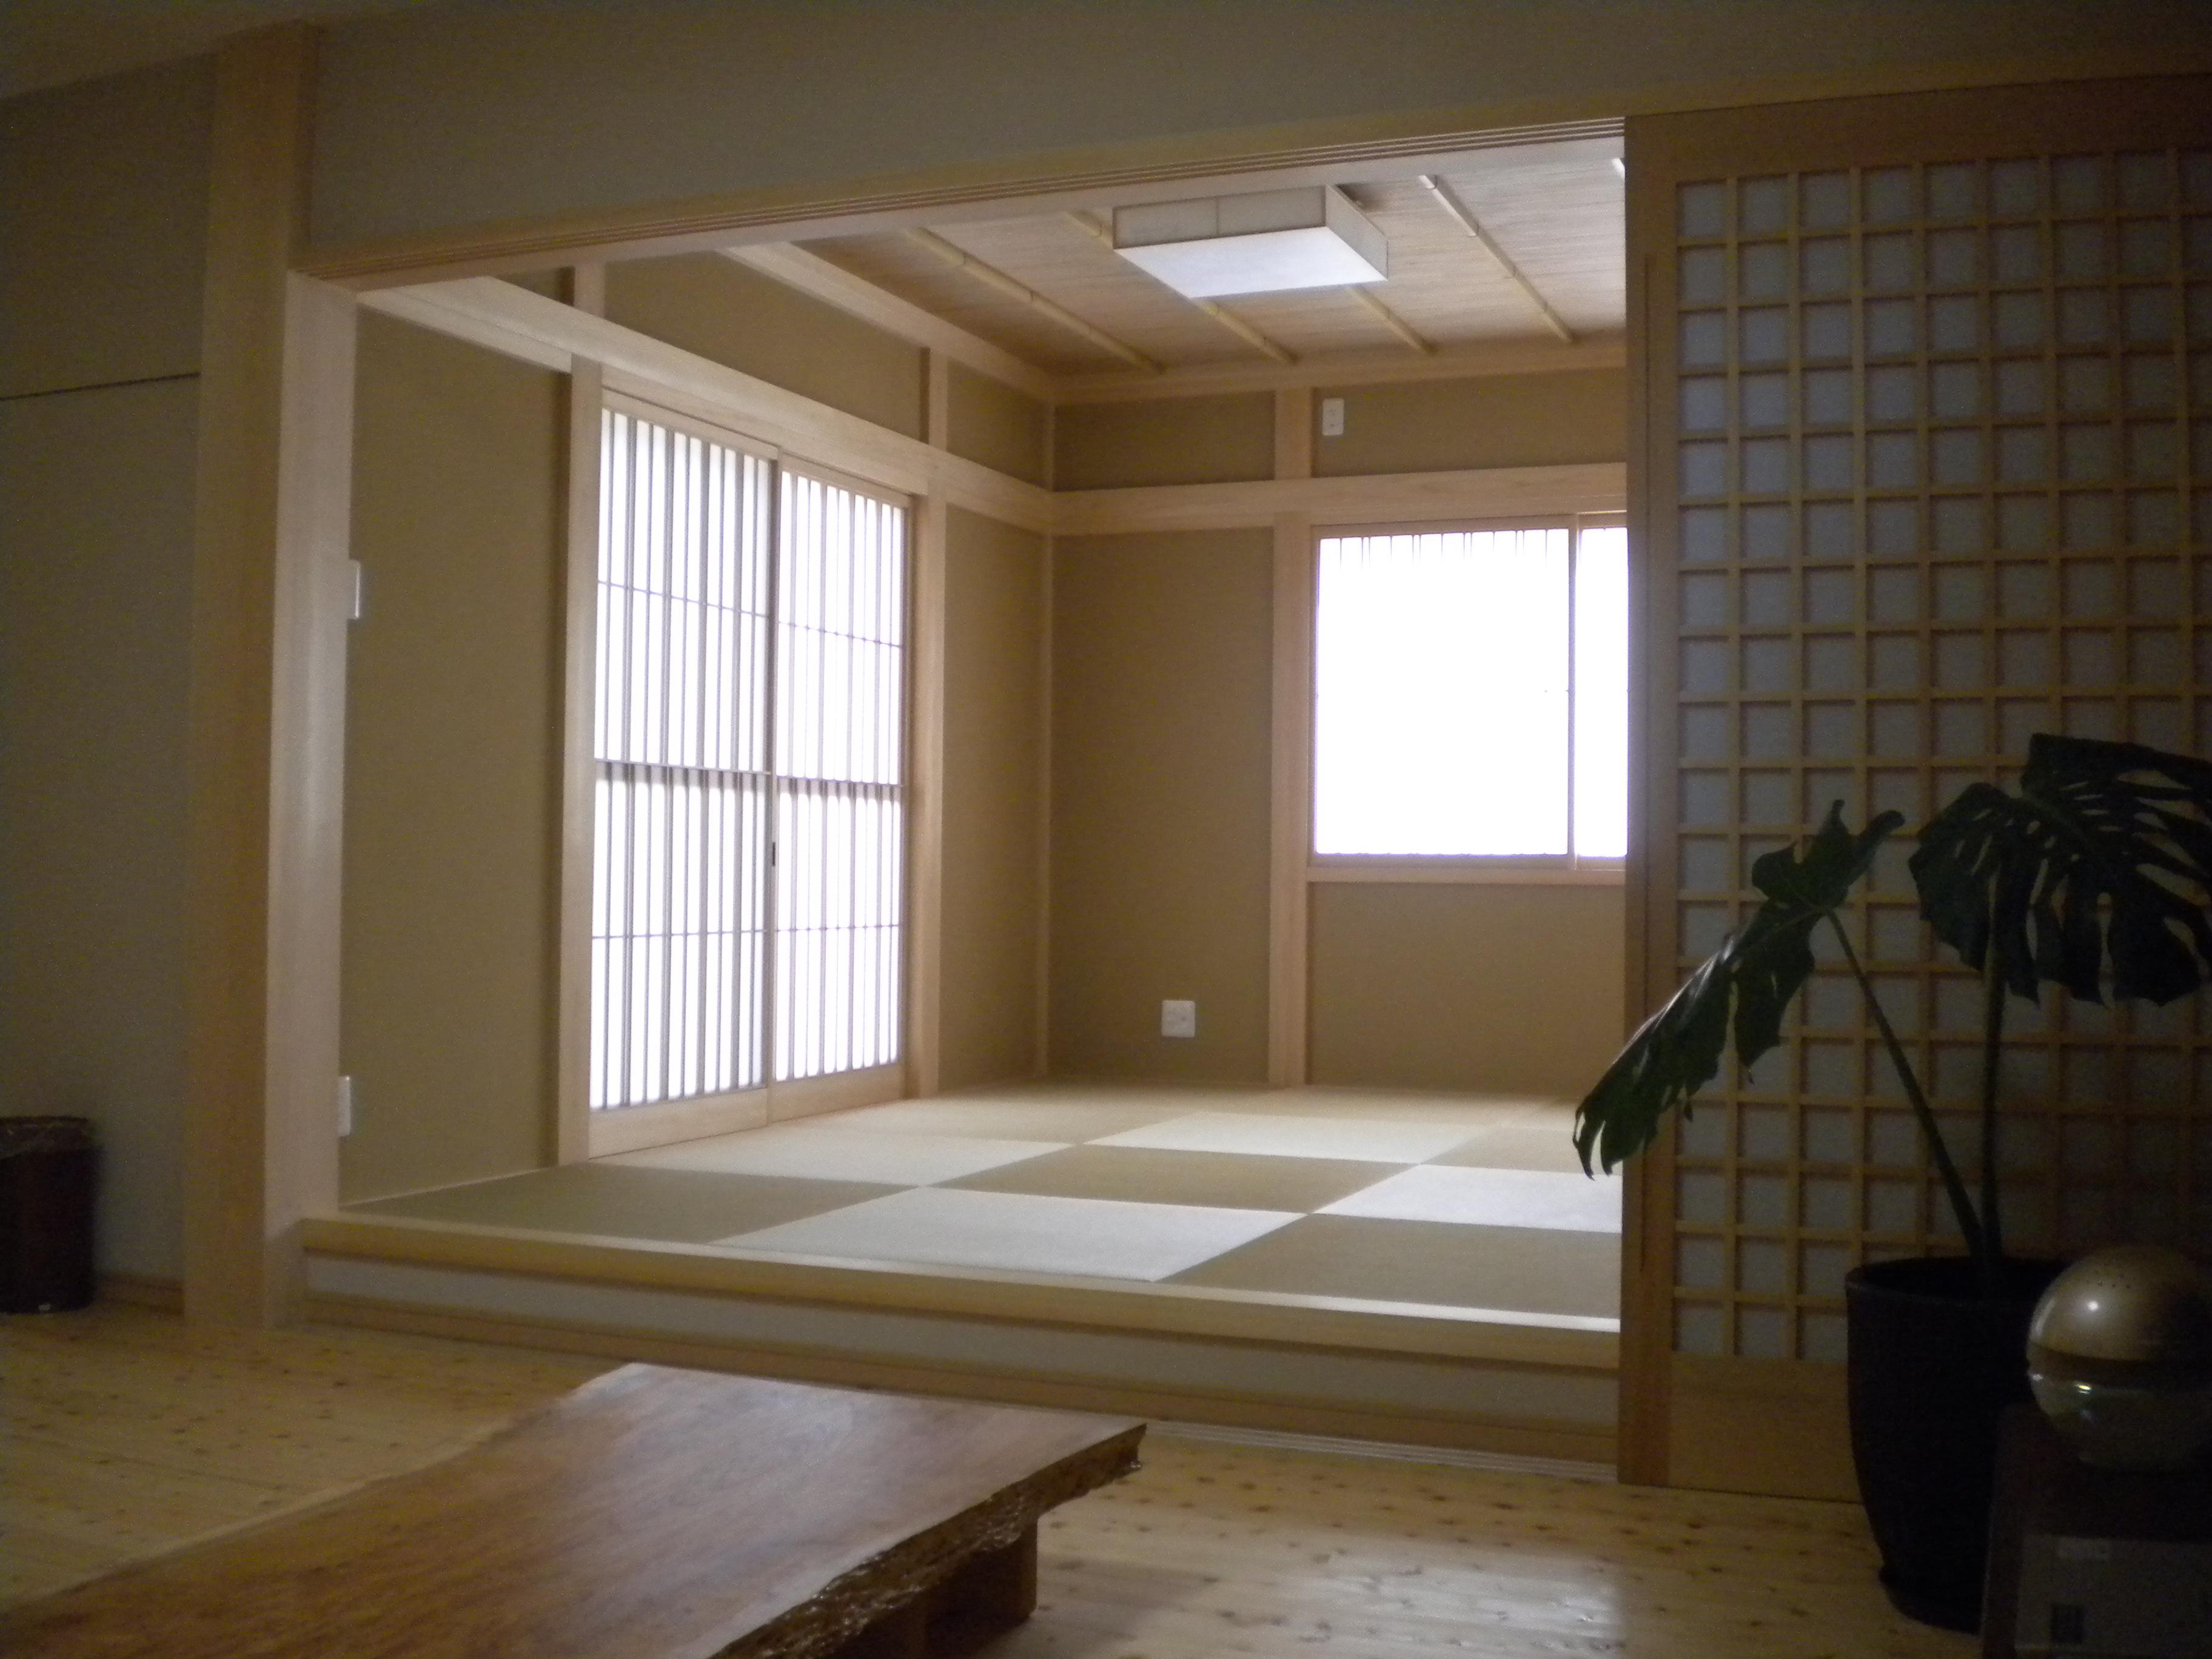 【和室】絞り床柱、欅床板、桧化粧材など贅を尽くした一室に。よしず&竹押えと天井にもコダワリが